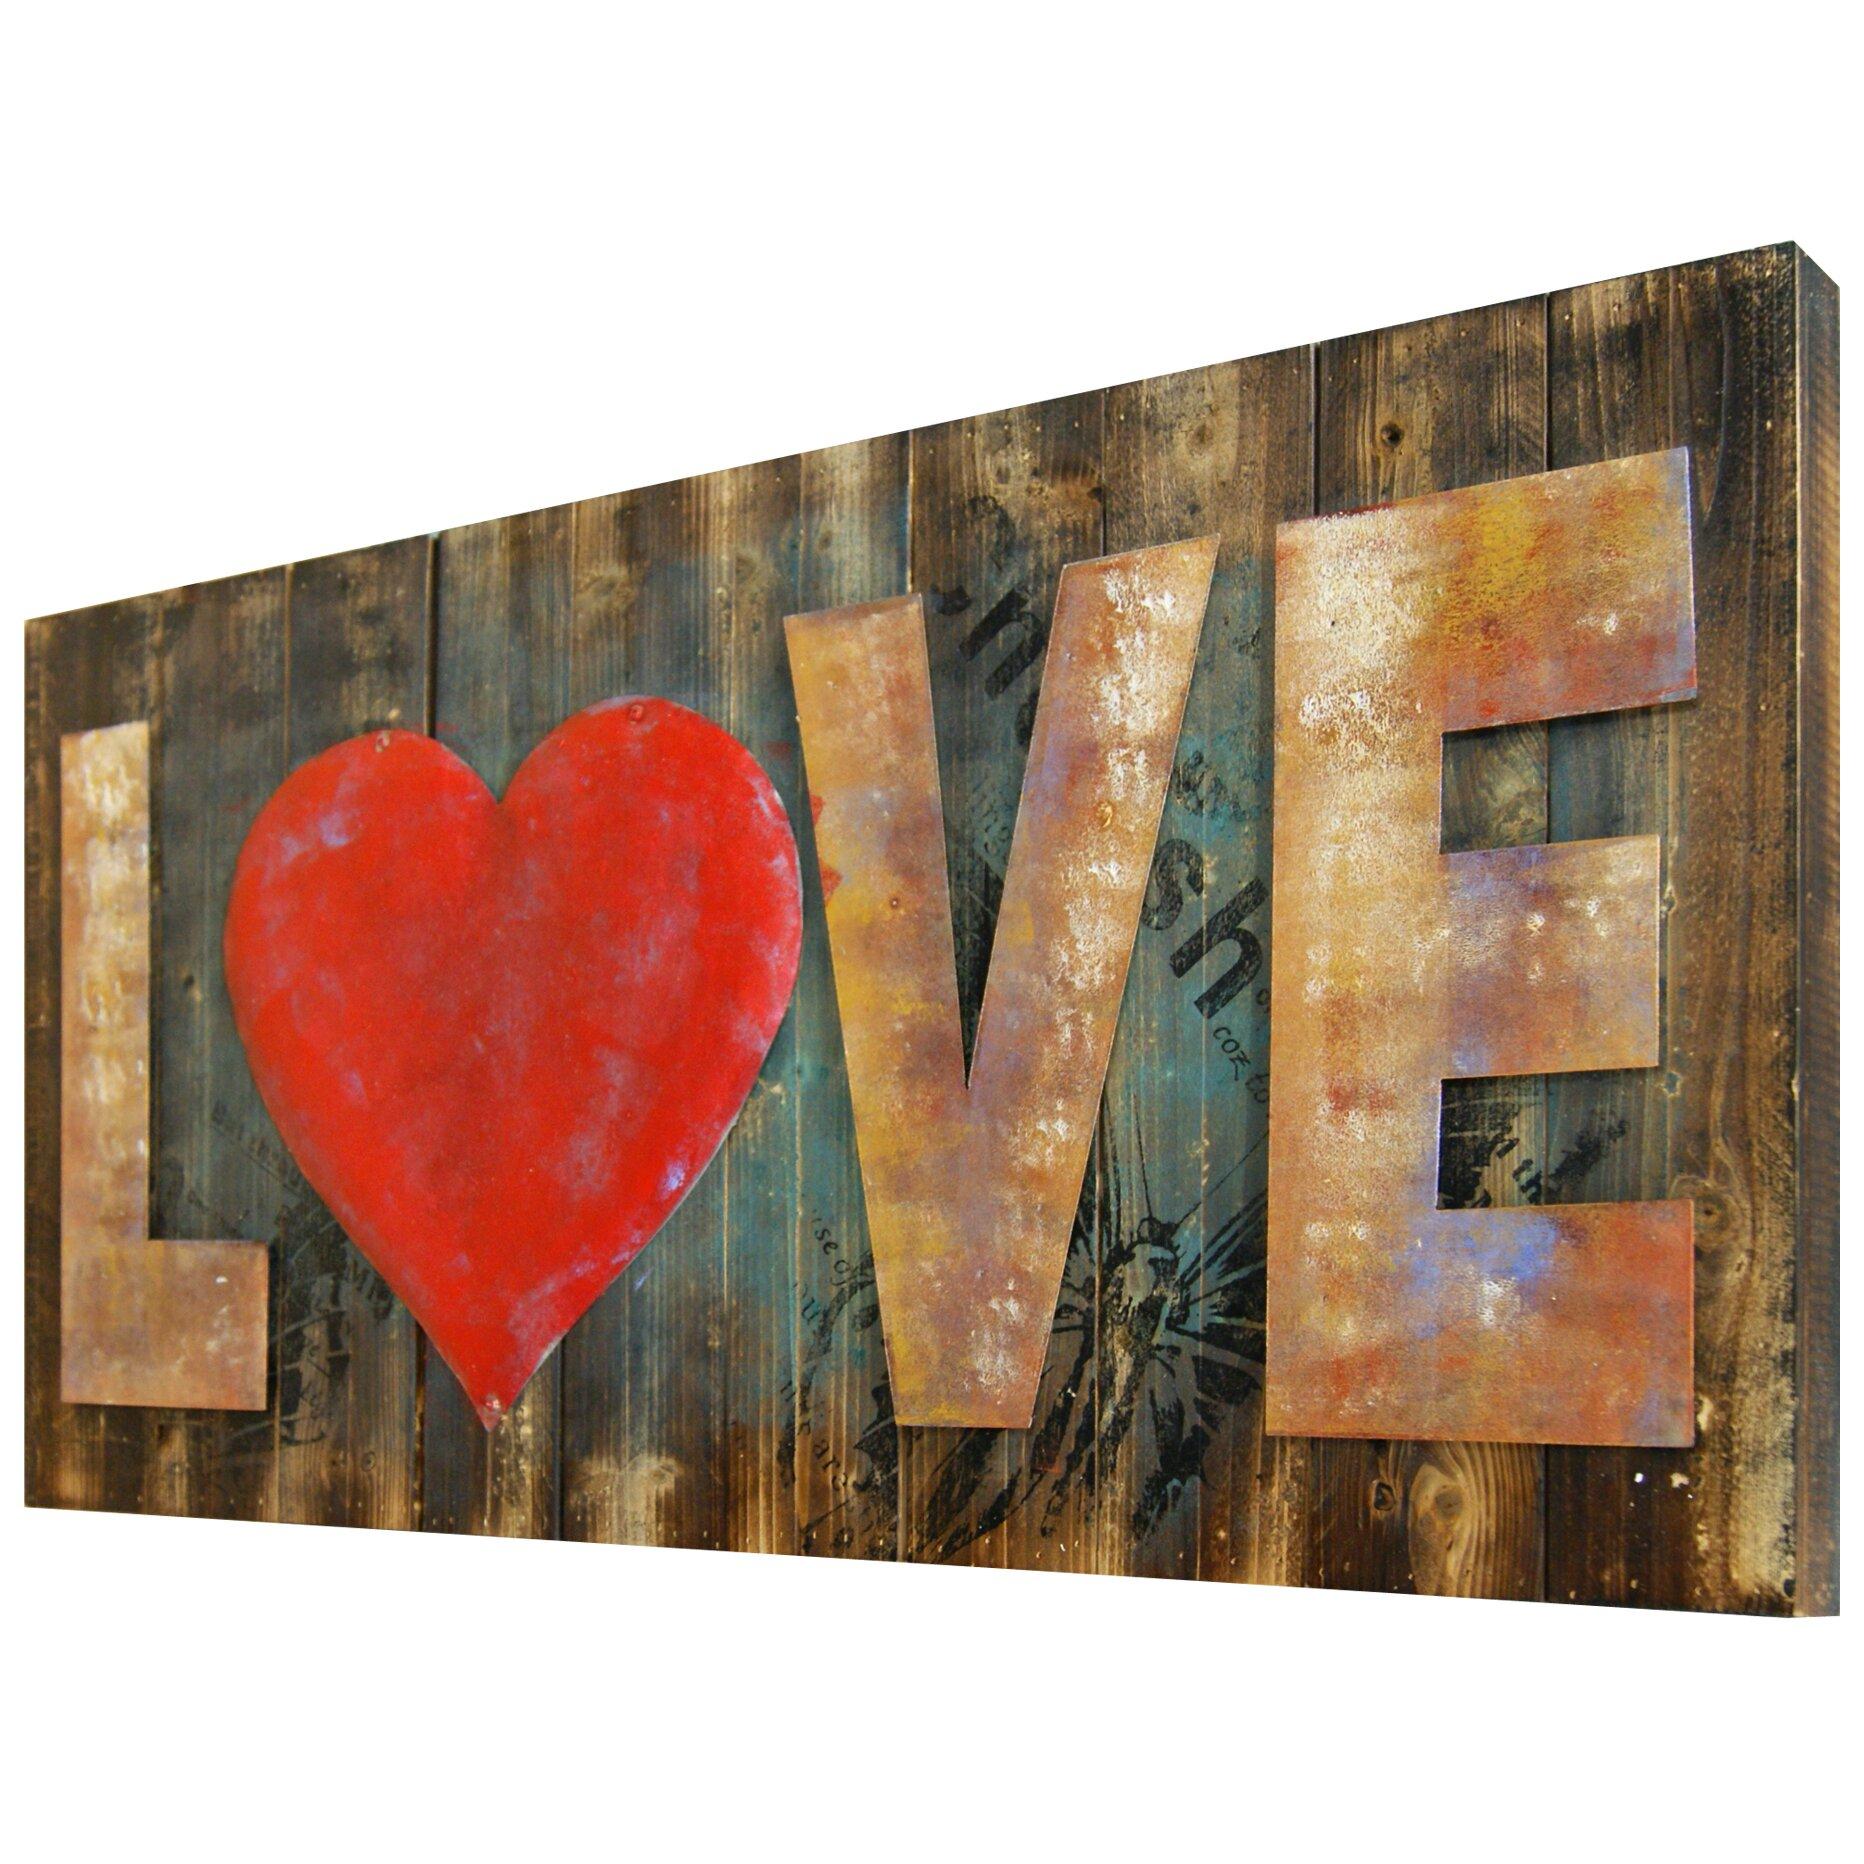 Hdc international 3d love red heart wall decor reviews for Home decor international reviews